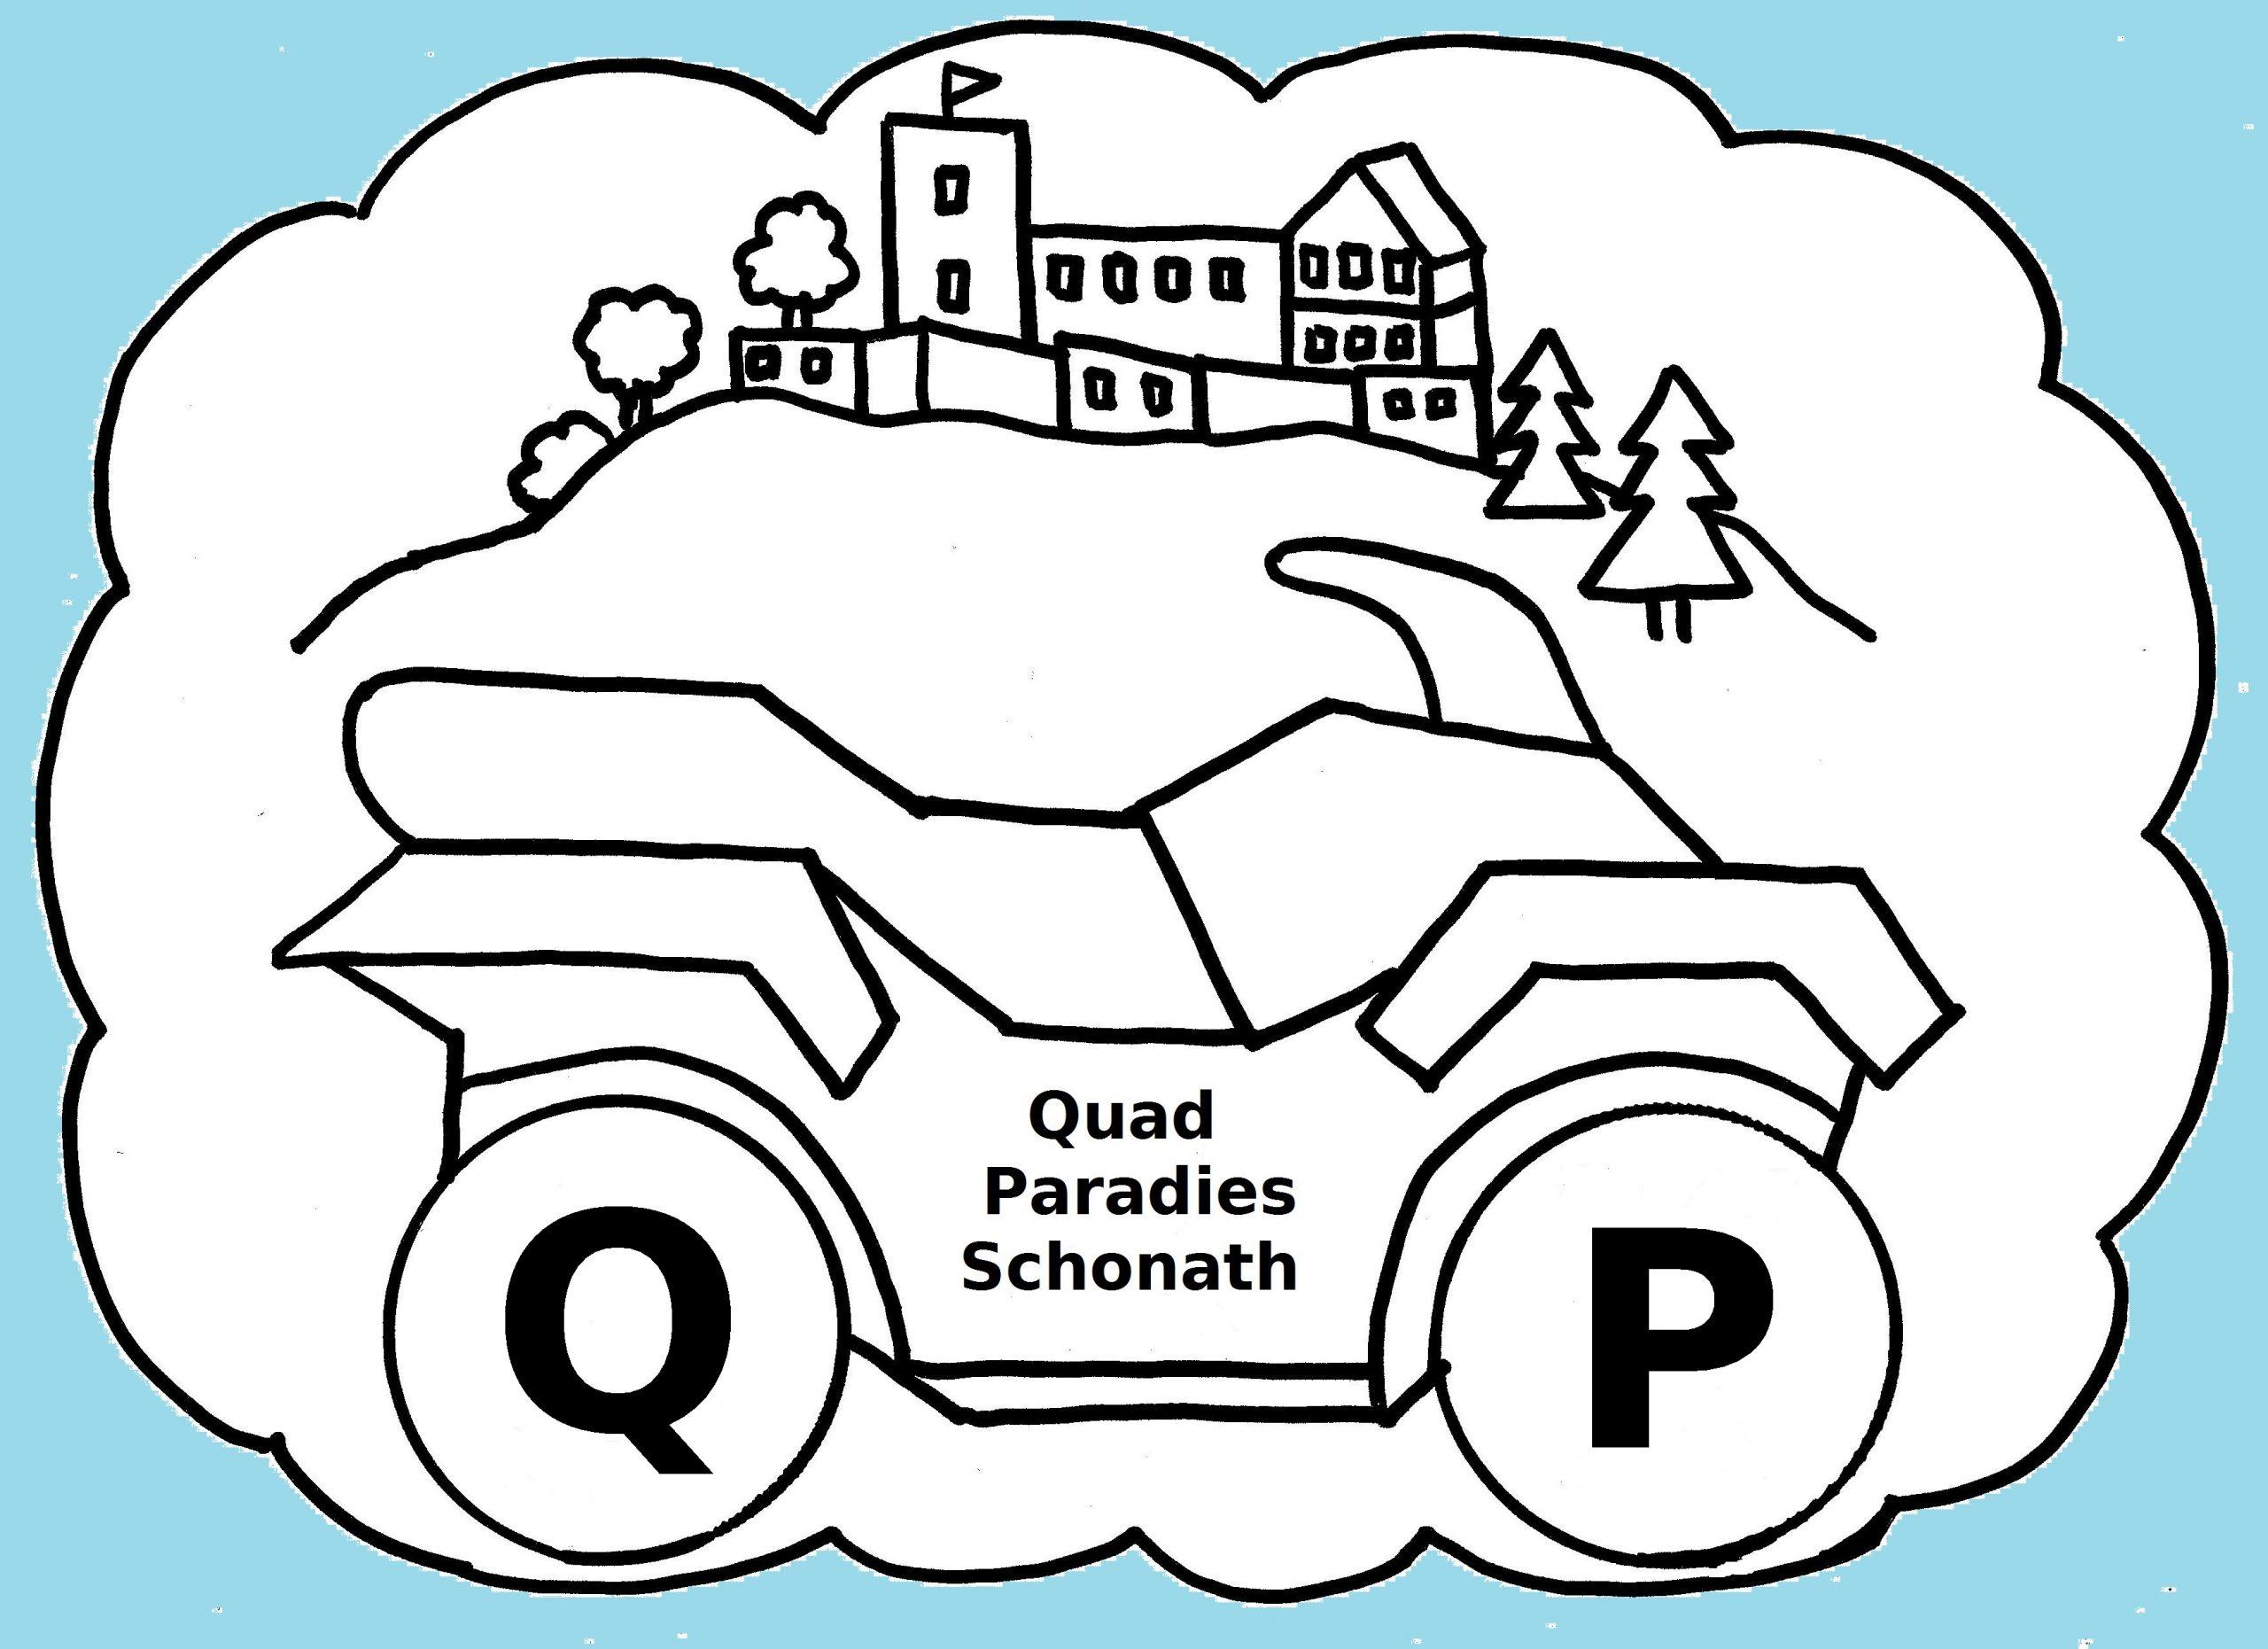 Quadparadies Schonath